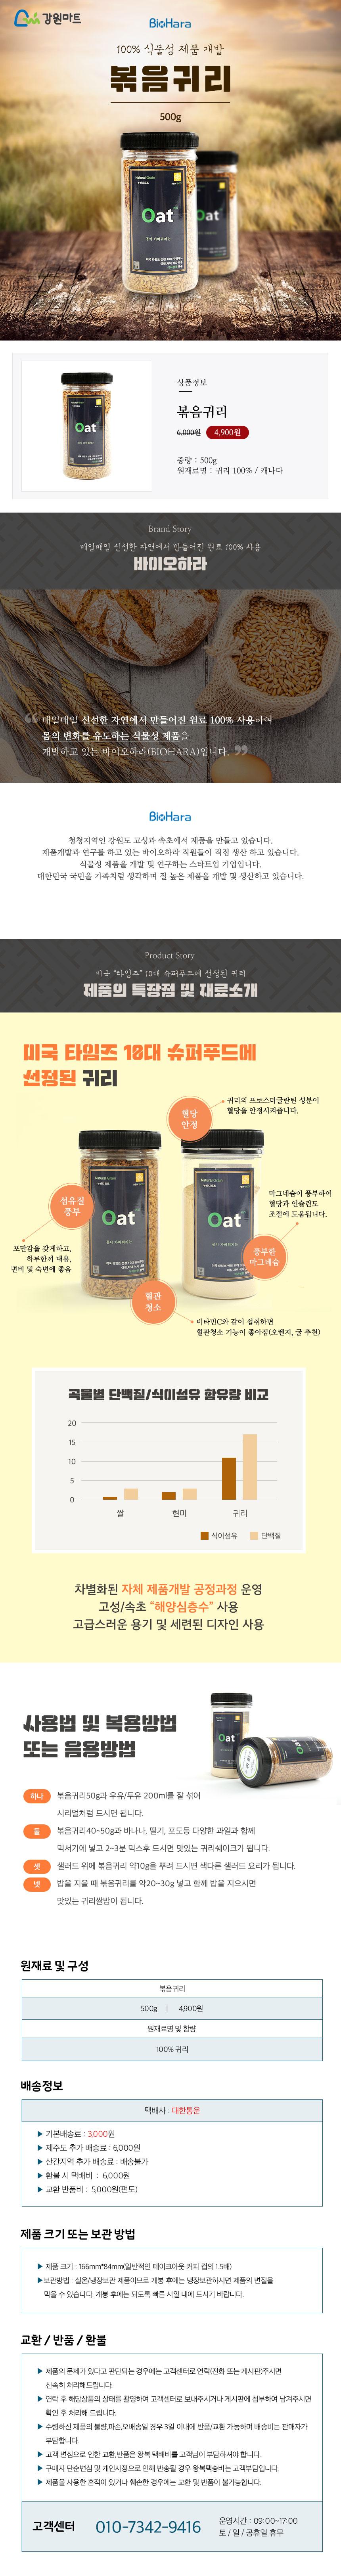 100% 귀리로 만든 볶음귀리 바이오하라 복음귀리 100% 식물성 제품 슈퍼푸드 다이어트